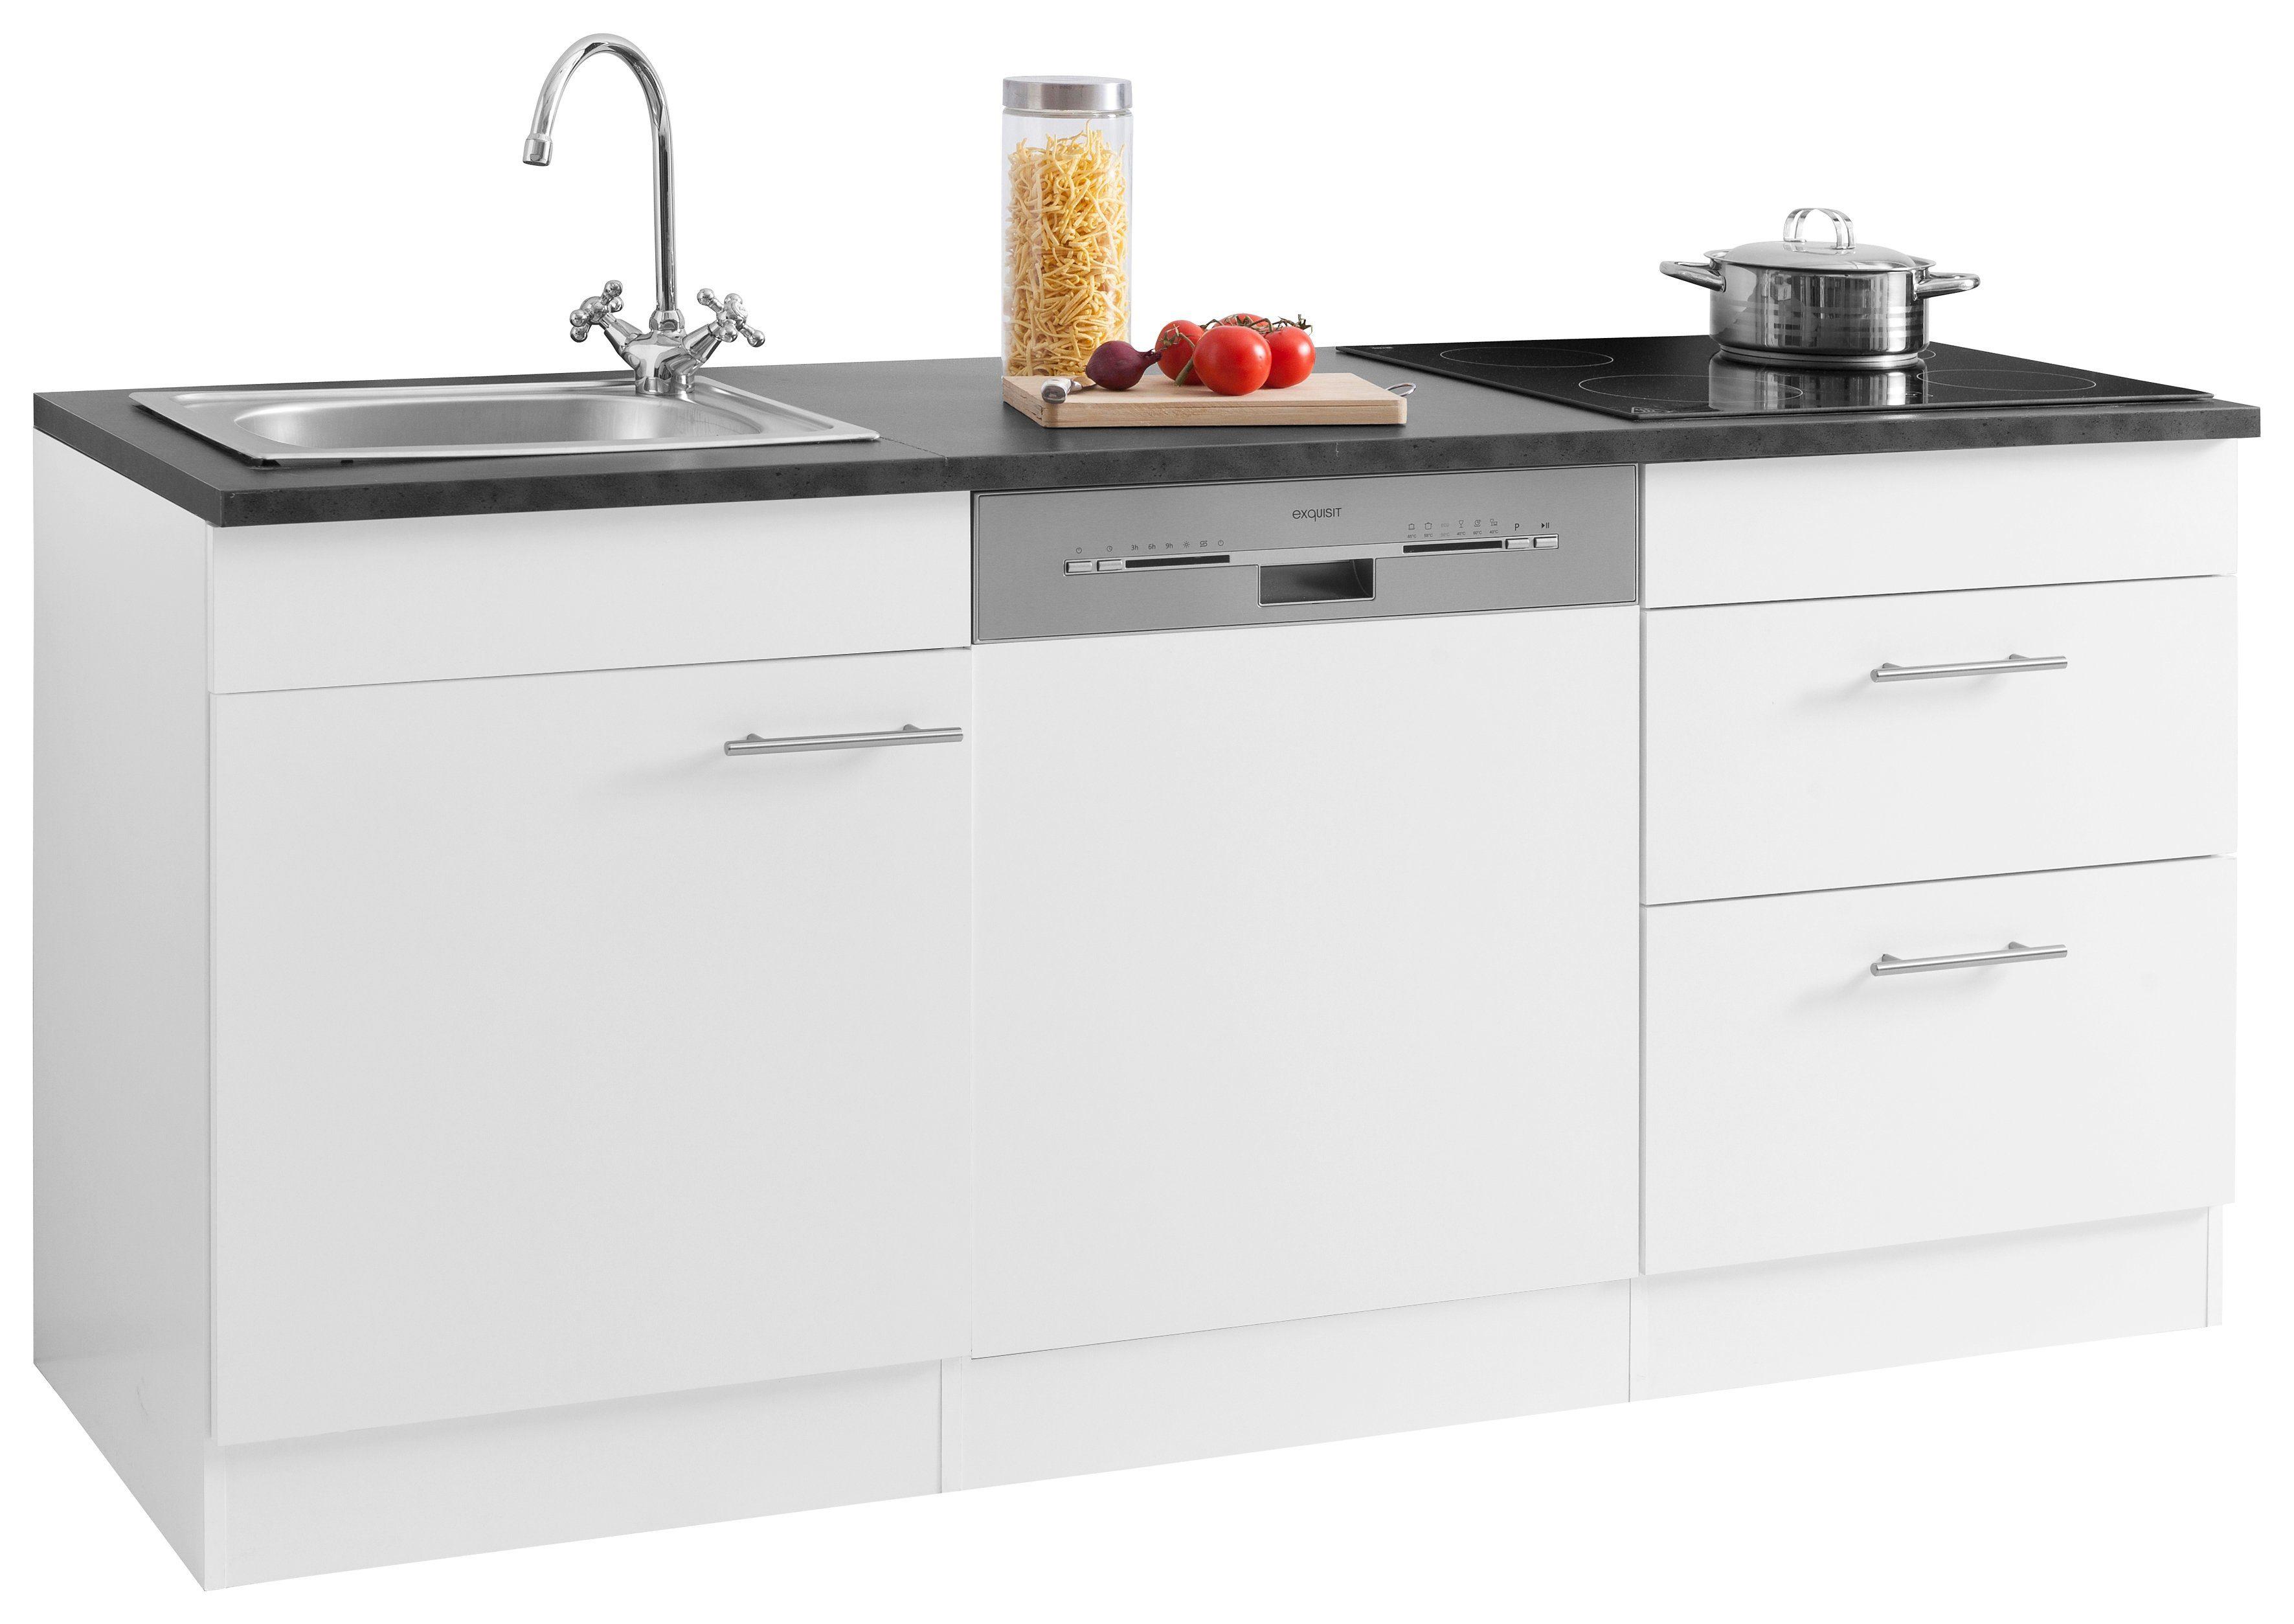 Frisch Küchenzeile mit Geräten kaufen » Küchenblöcke | OTTO OU83